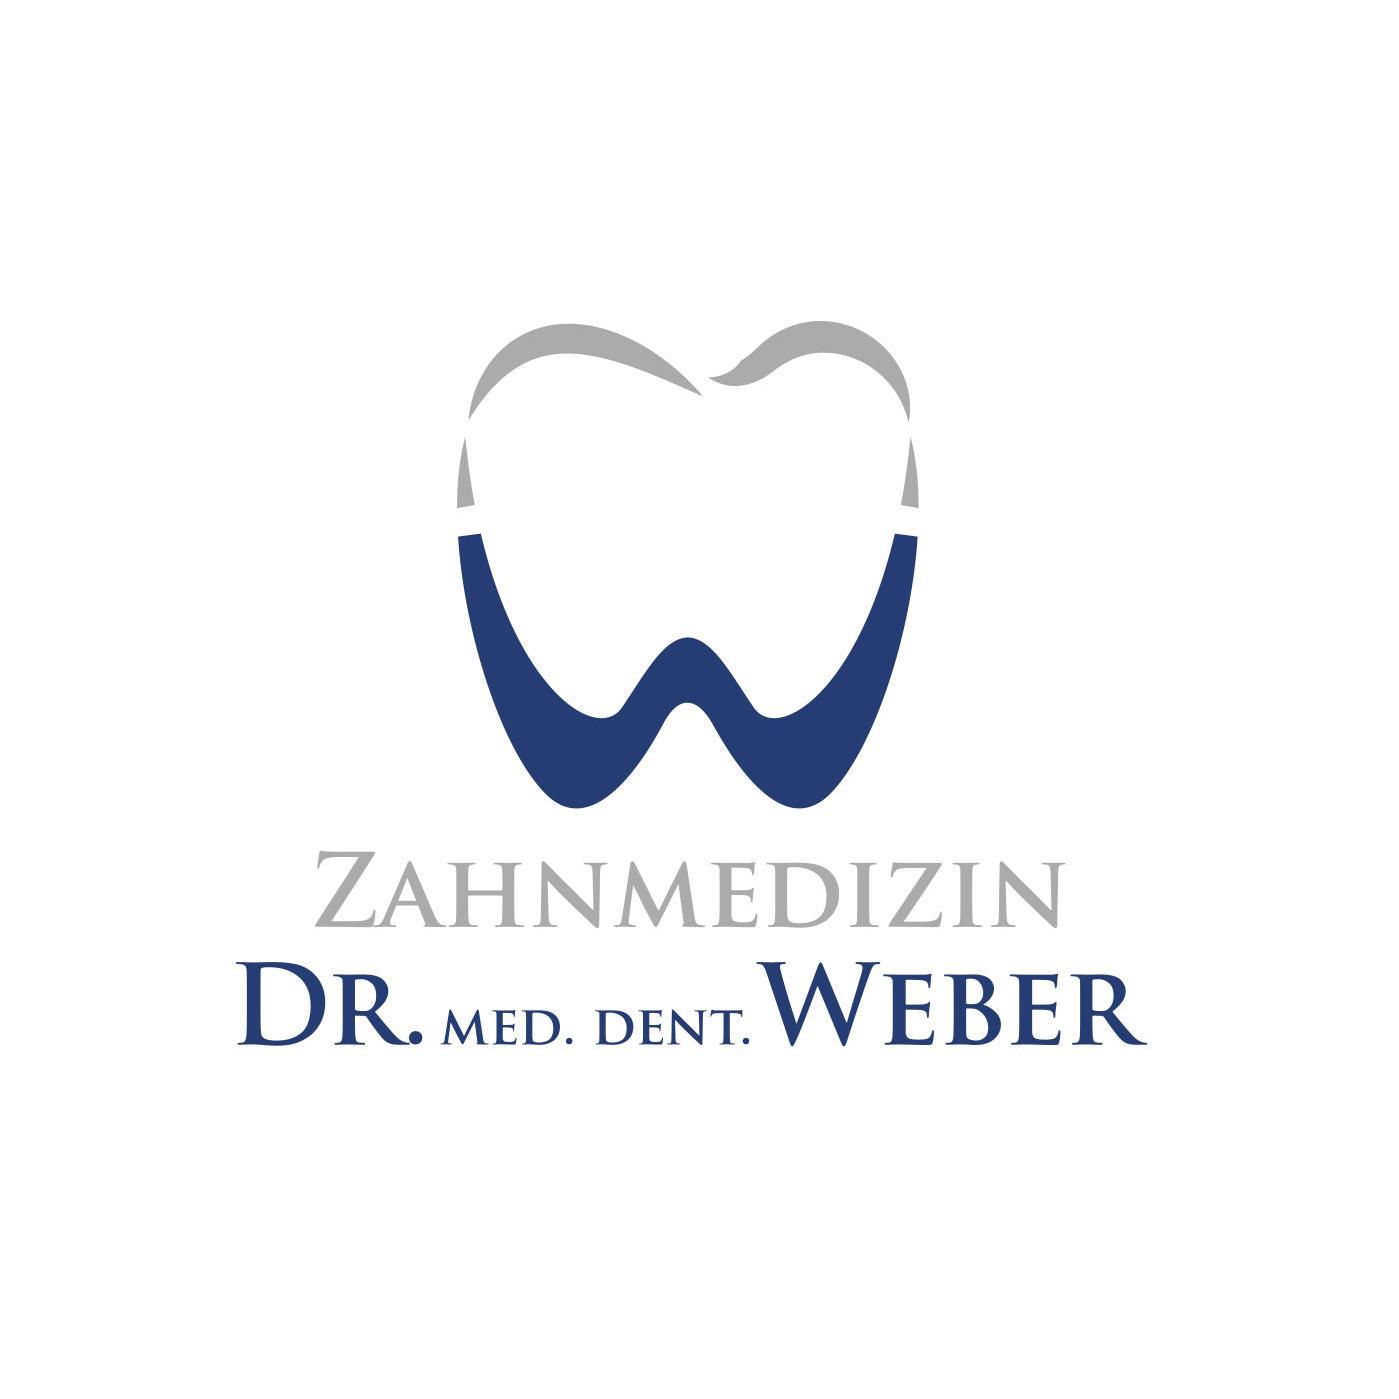 Bild zu Zahnmedizin Dr. med. dent. Weber in Neumarkt in der Oberpfalz